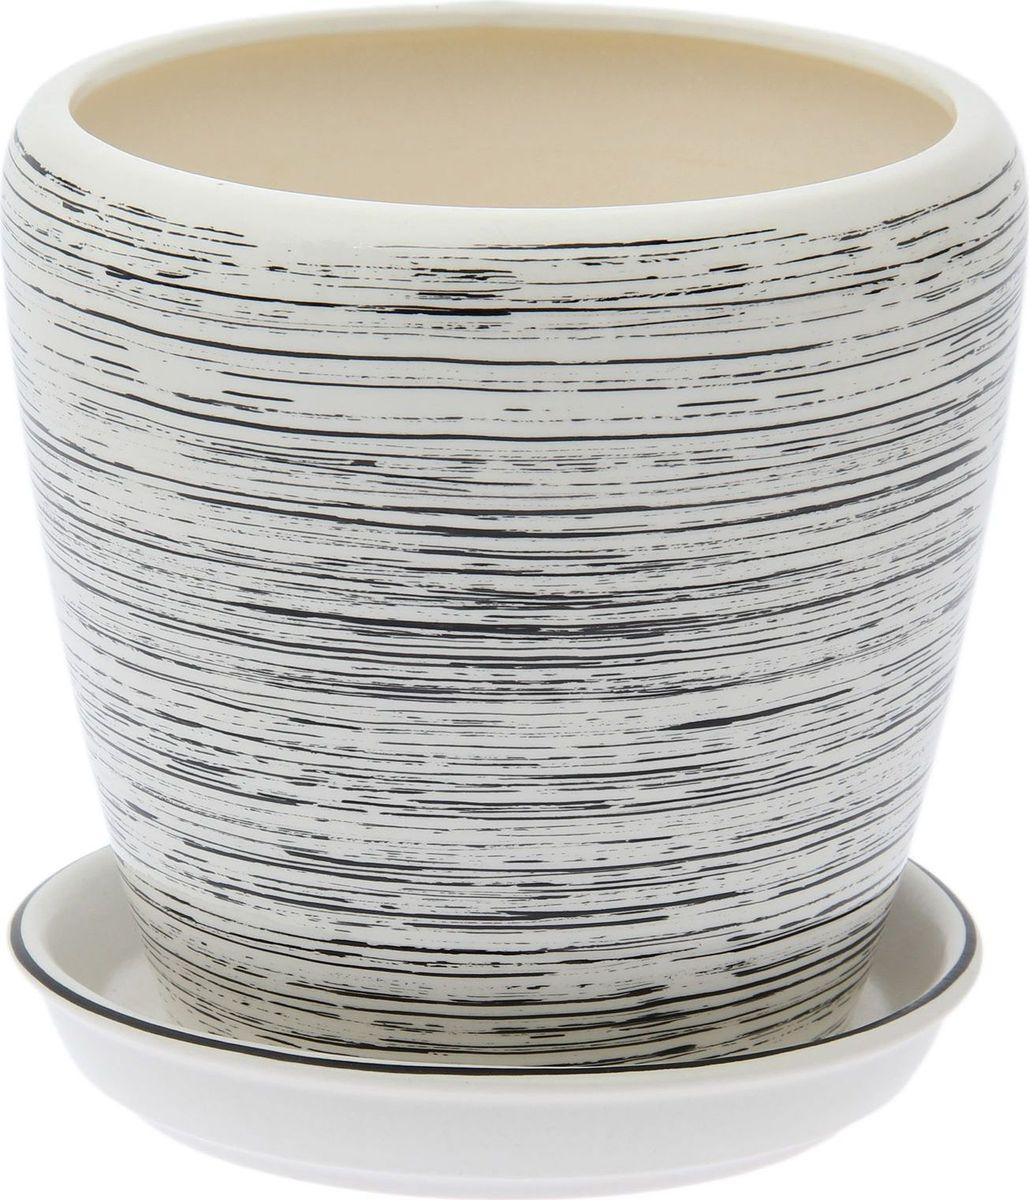 Кашпо Керамика ручной работы Грация. Глянец, цвет: черный, белый, 2,3 л1489677